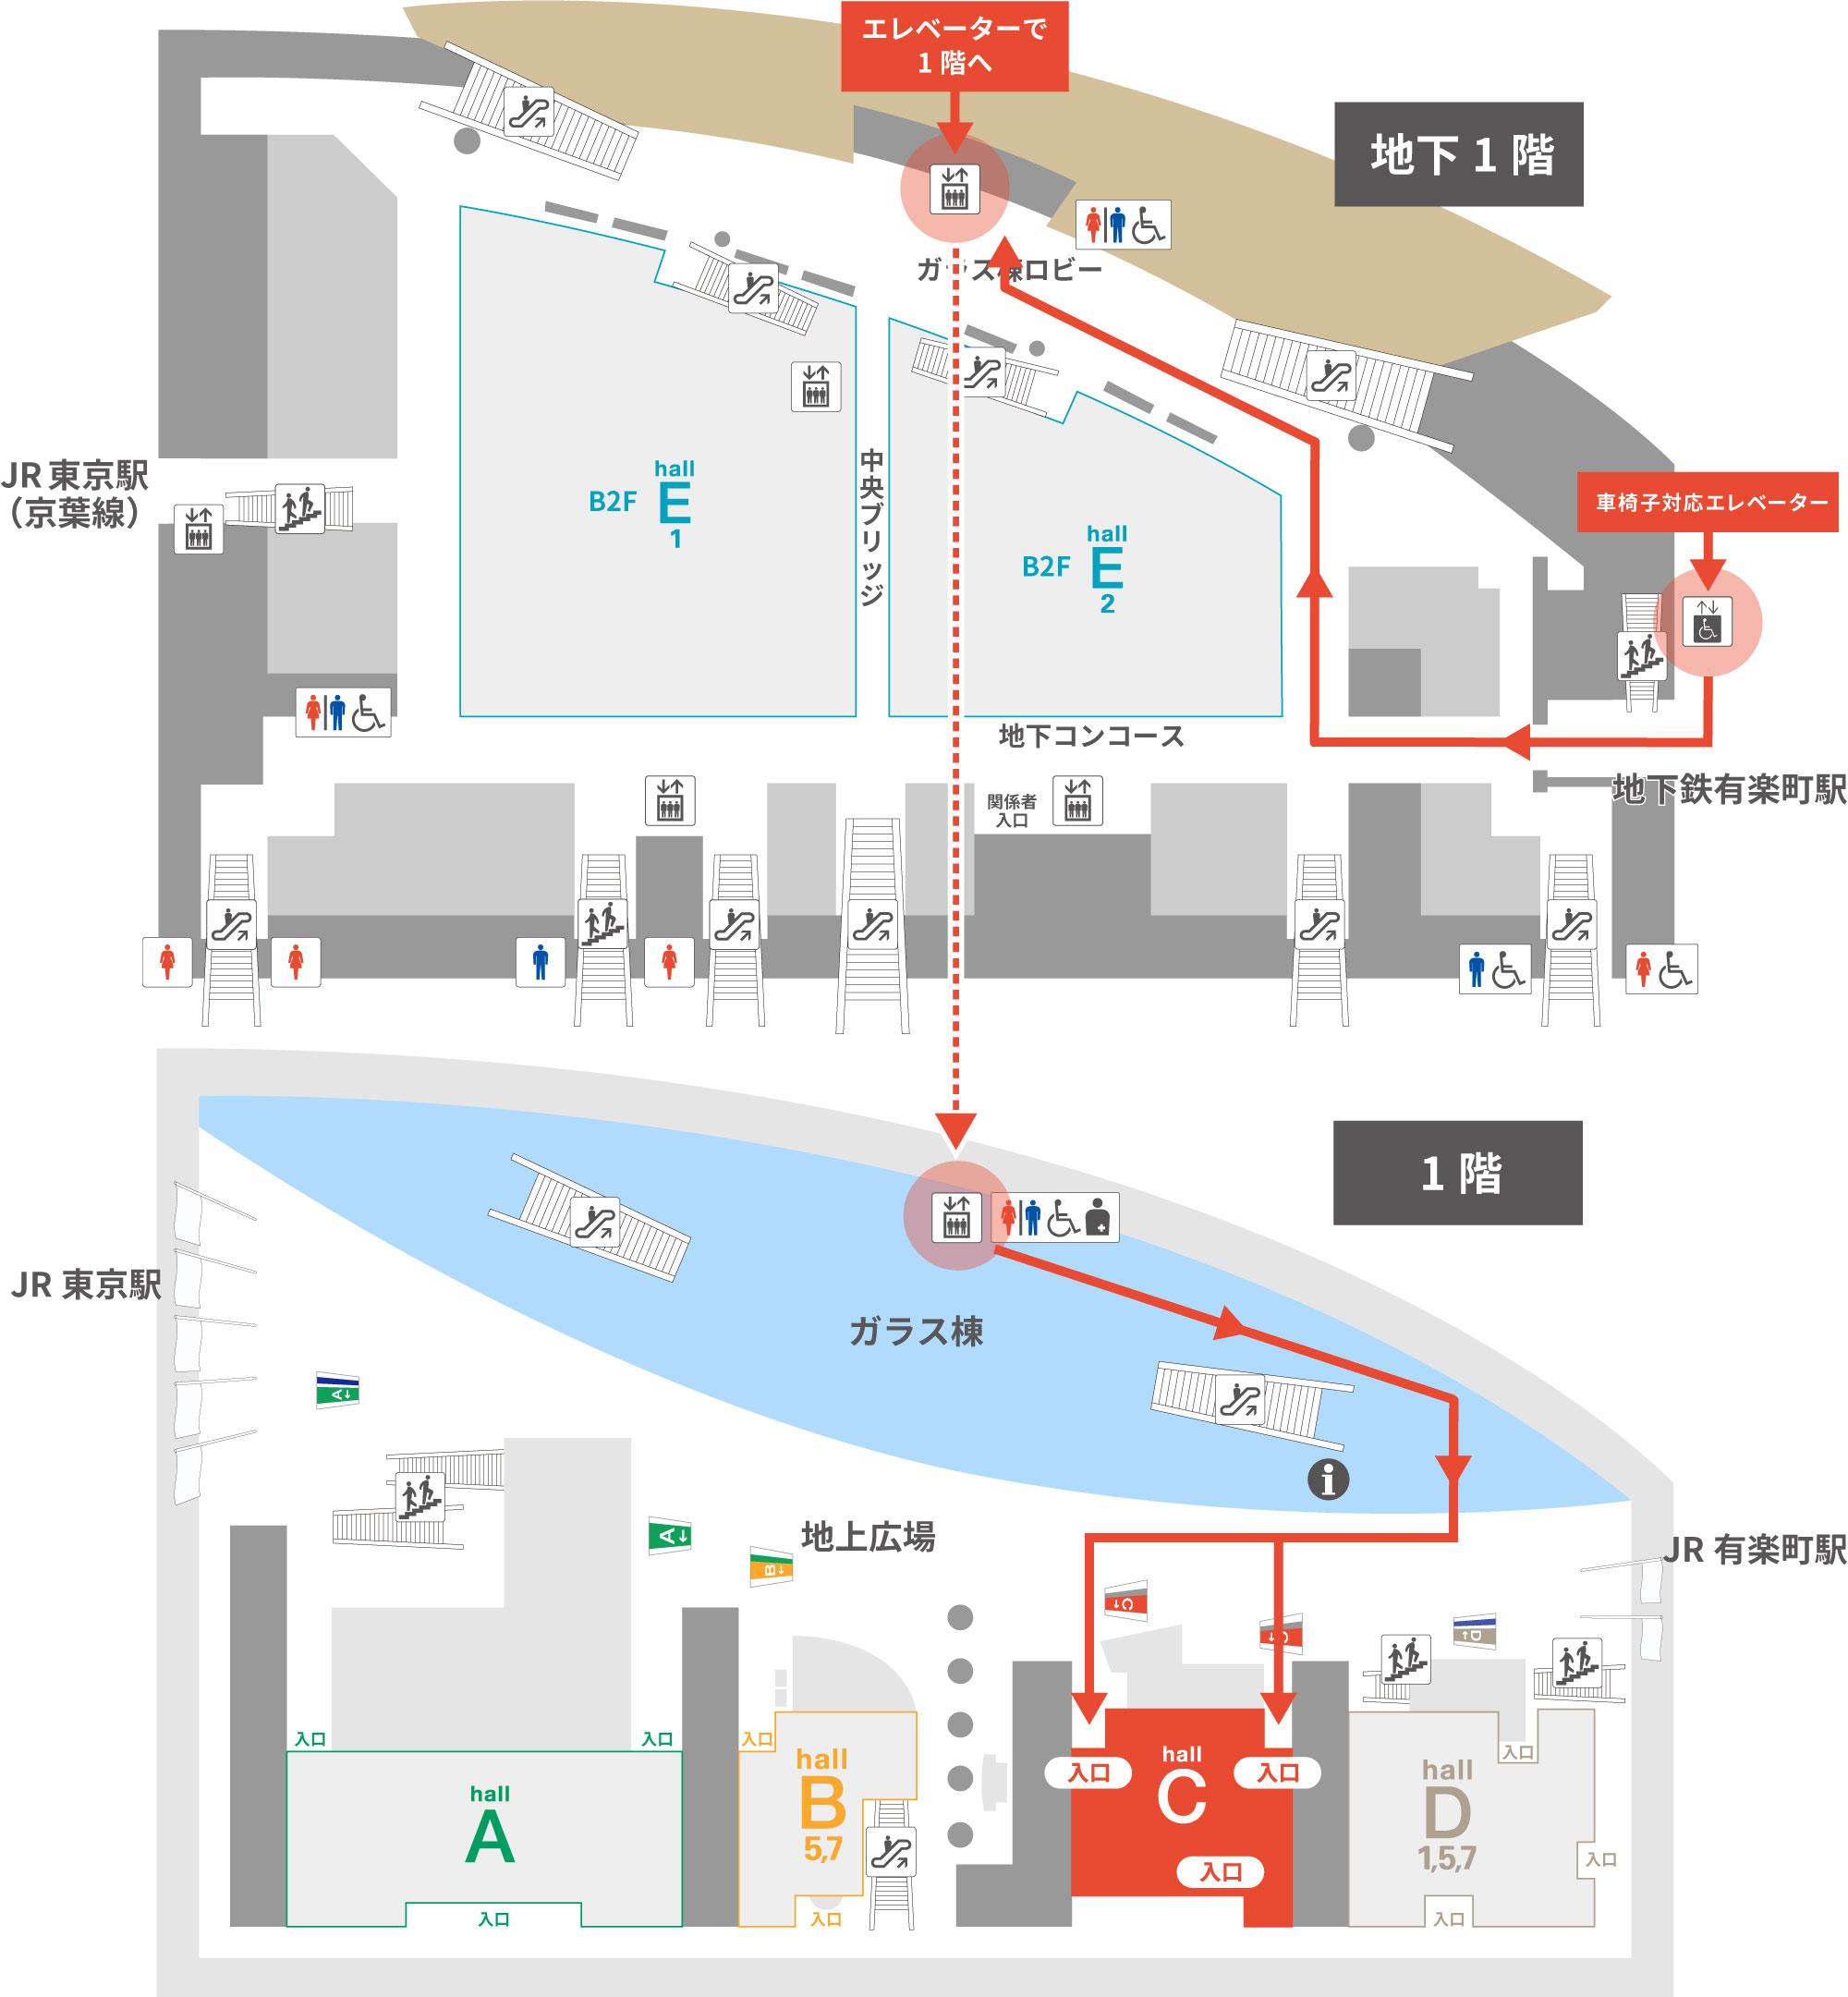 フォーラム 東京 c 国際 ホール